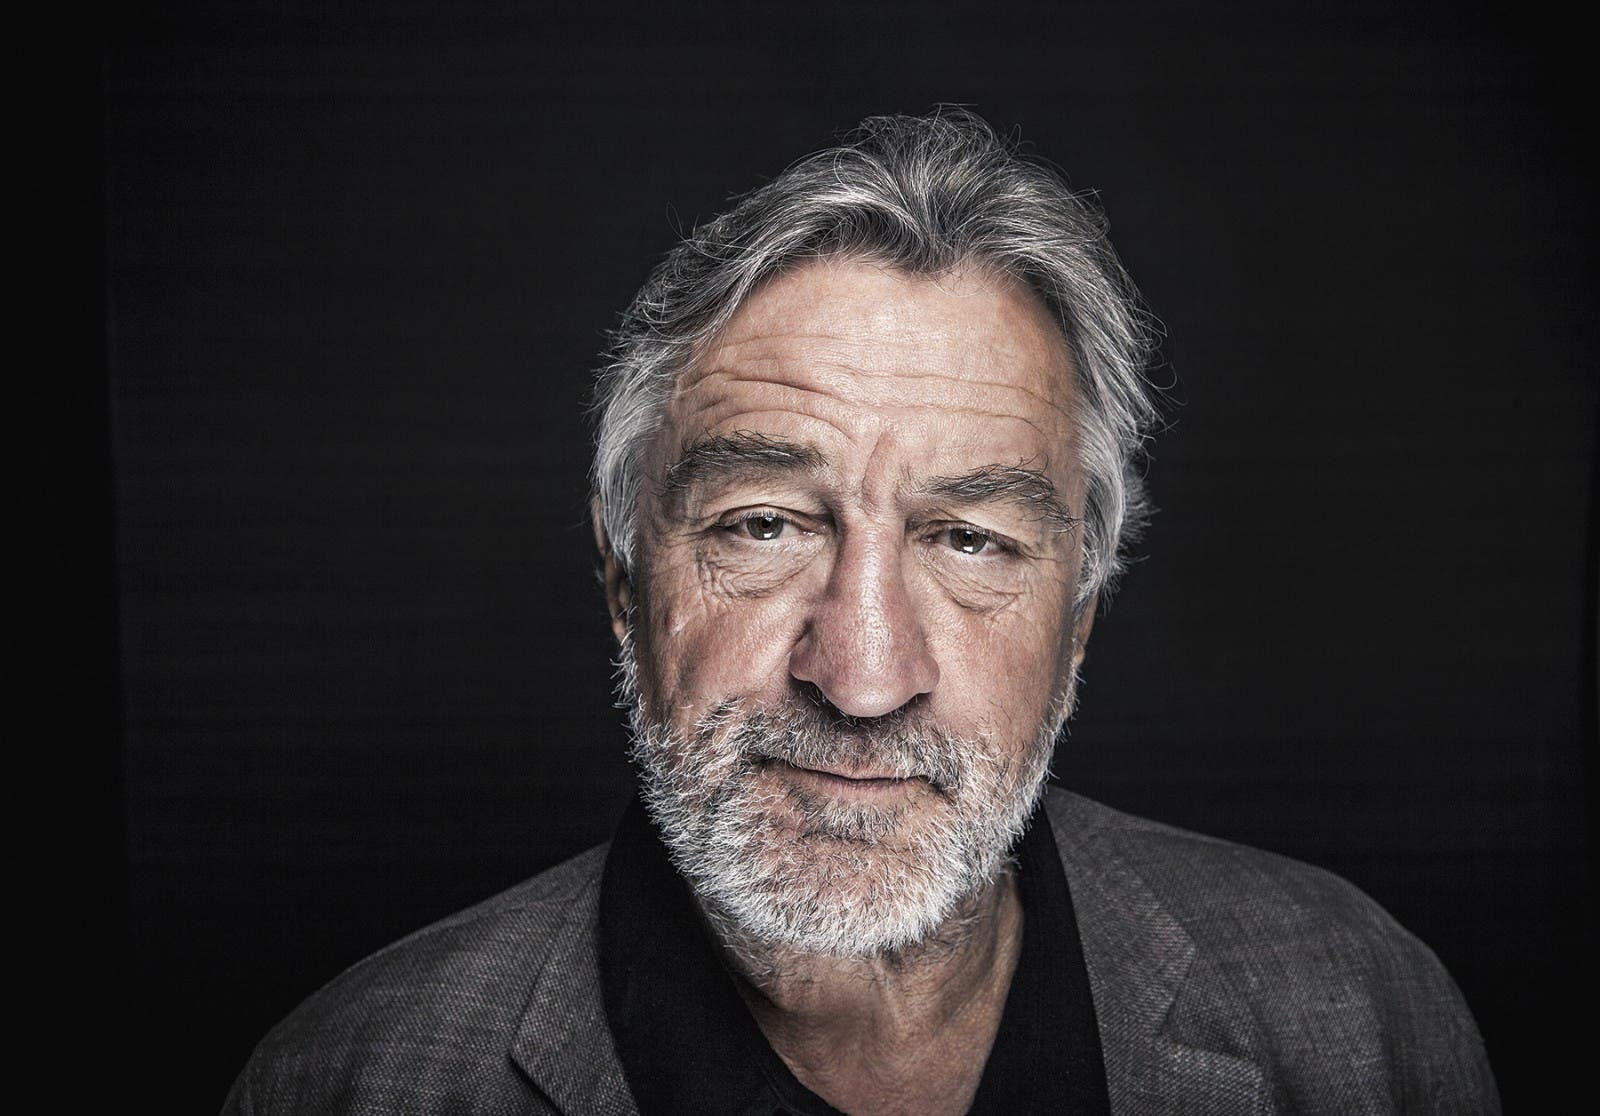 Robert De Niro esta en la ruina por culpa de las mujeres y los virus